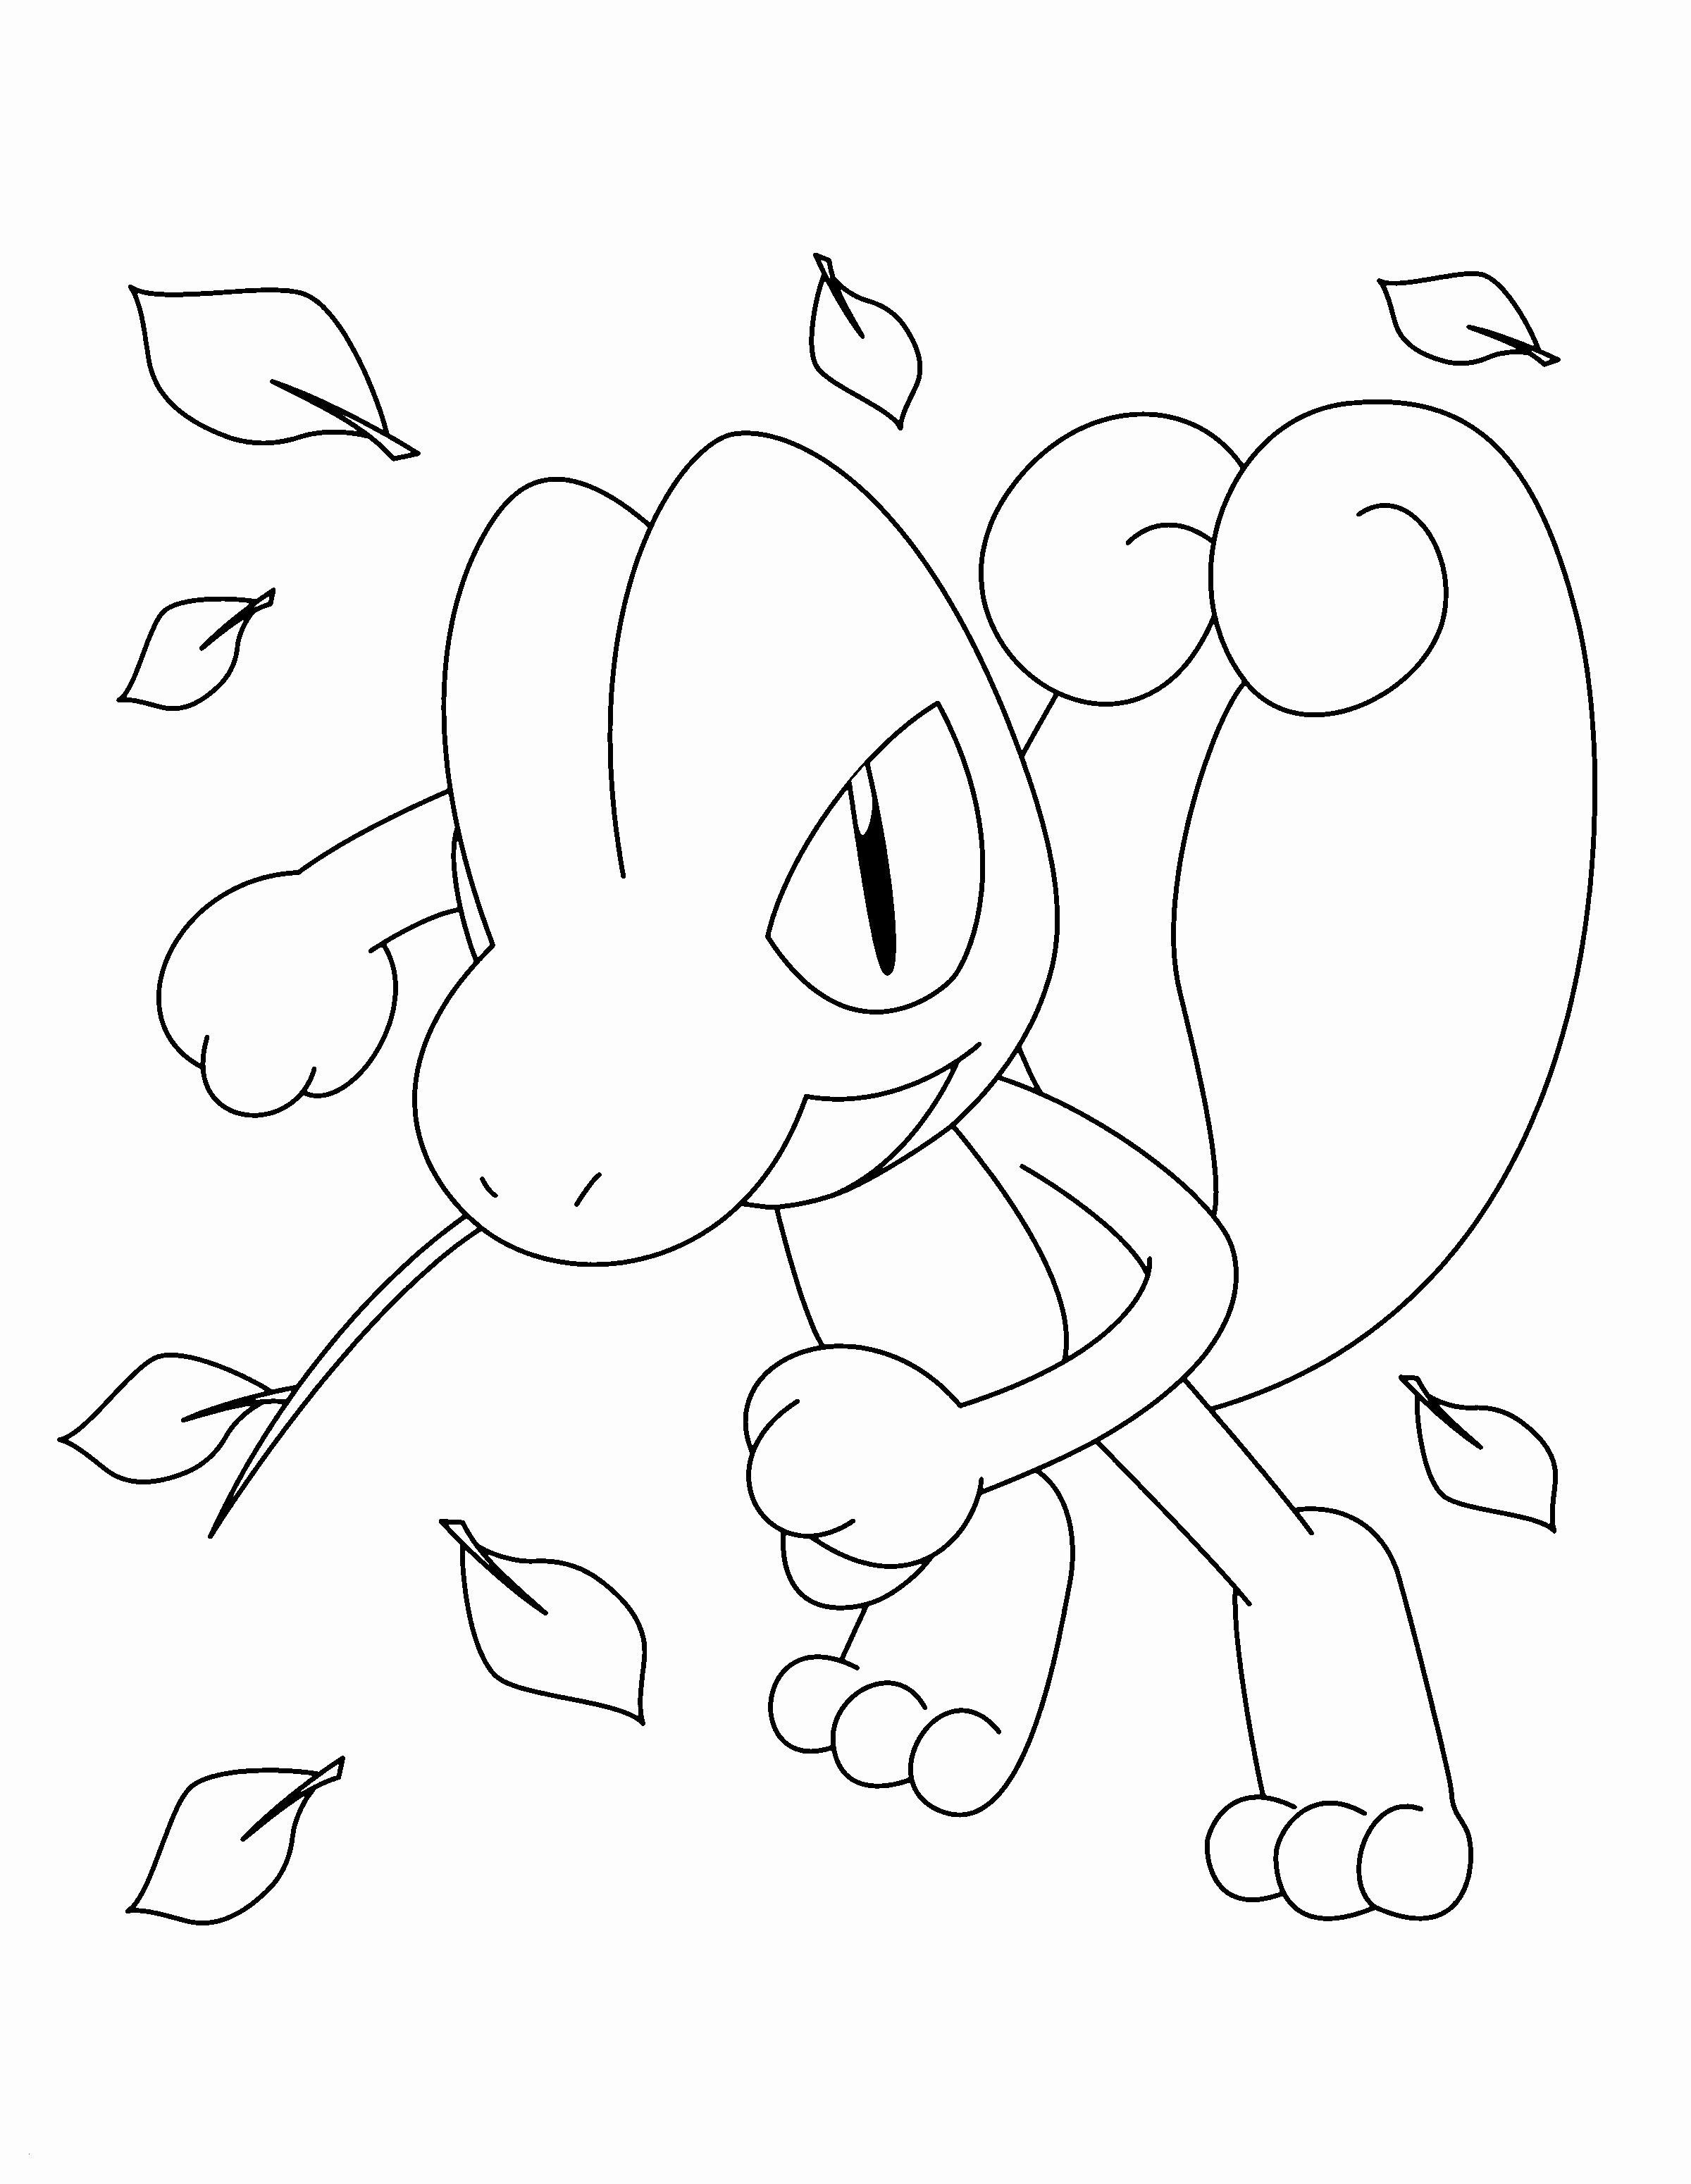 Ausmalbilder Pokemon Neu Ausmalbilder Pokemon Kostenlos Elegant Malvorlagen Pokemon Gratis Fotografieren